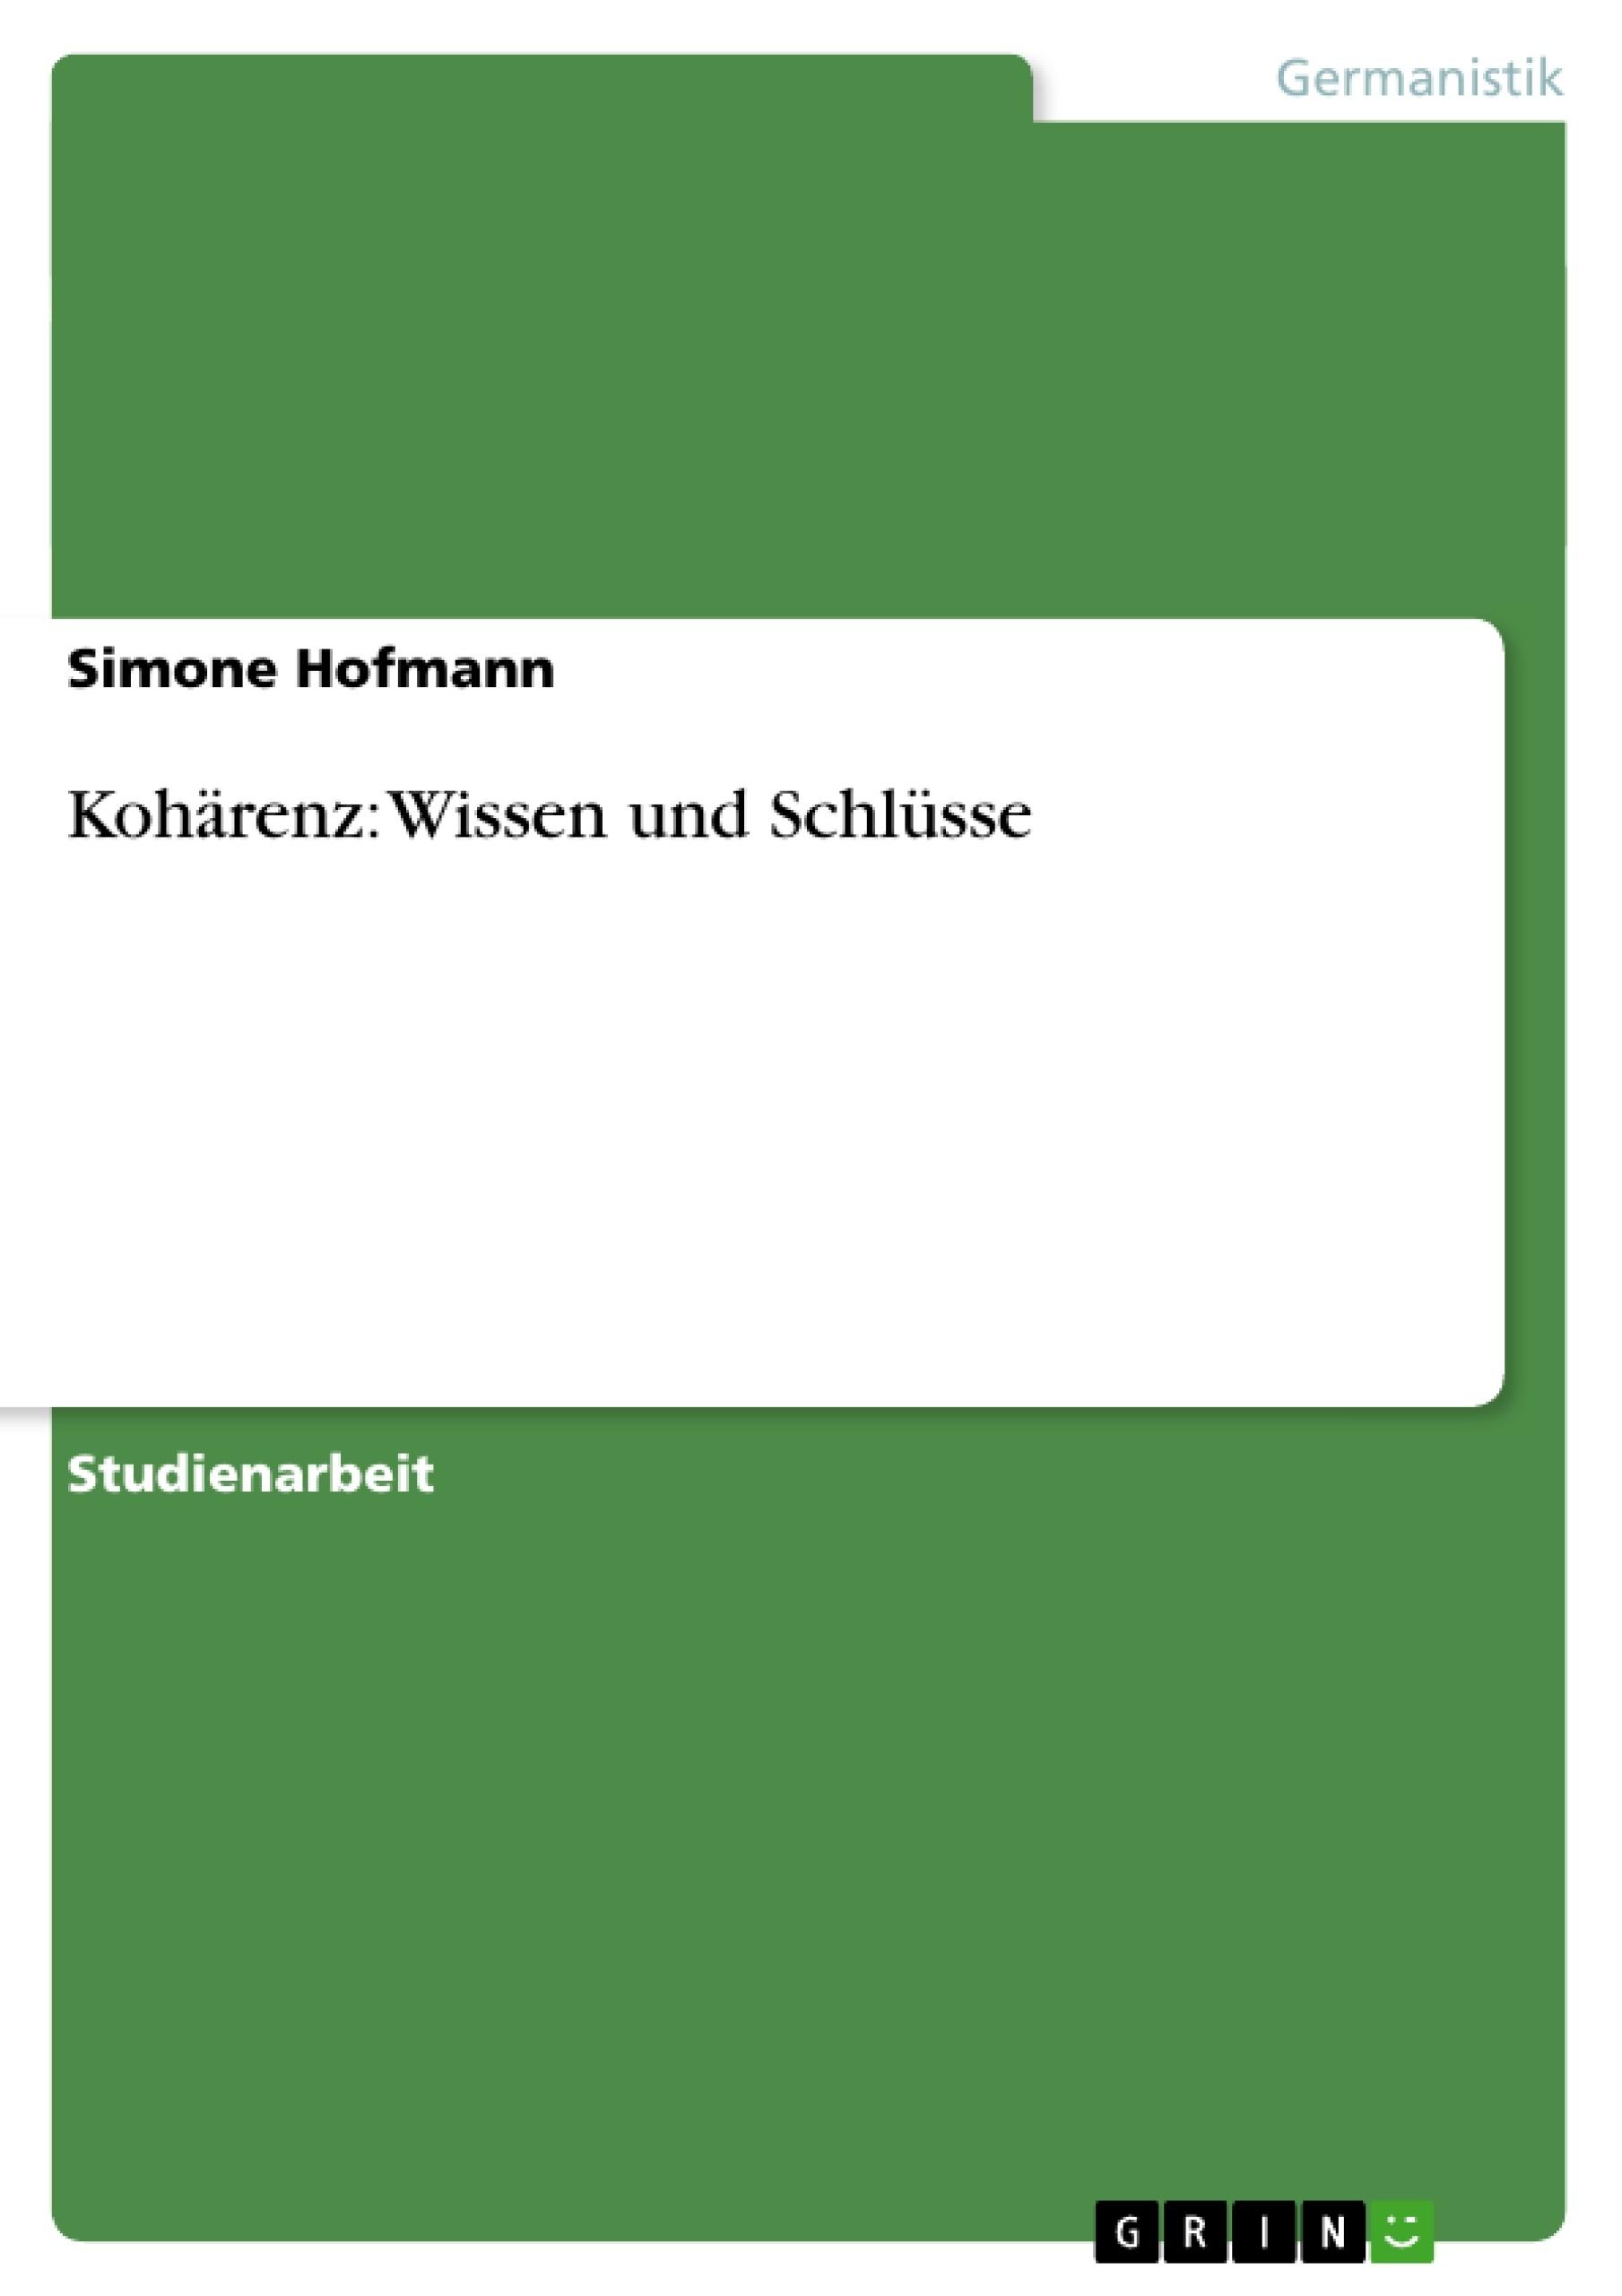 Titel: Kohärenz: Wissen und Schlüsse